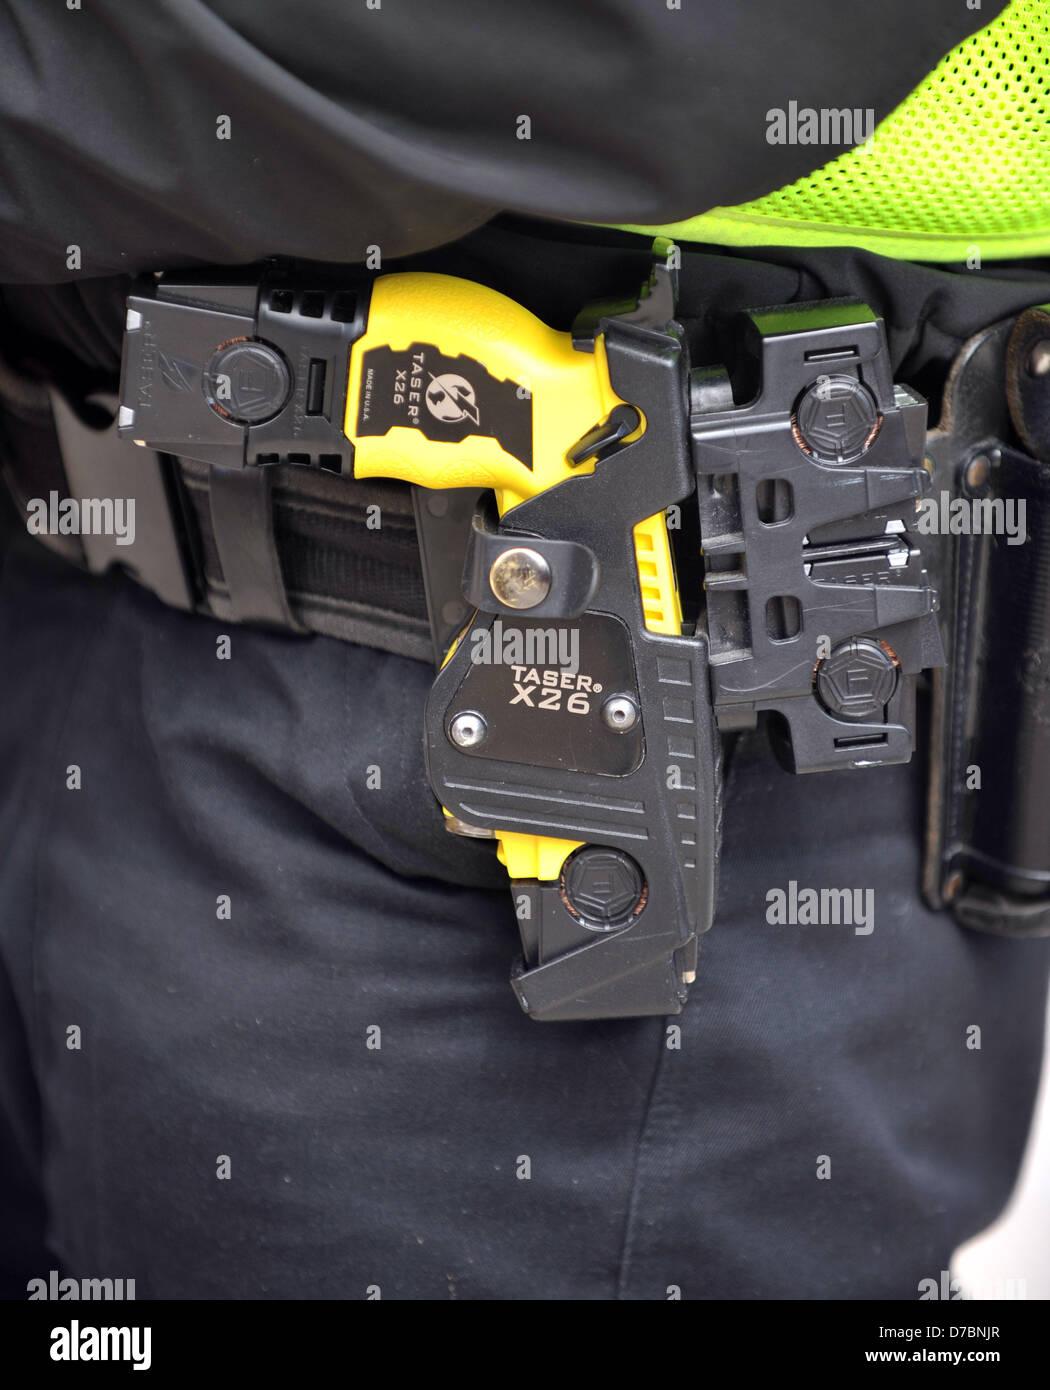 Taser, Polizei Taser-Waffe, X26 Taser, UK Stockbild